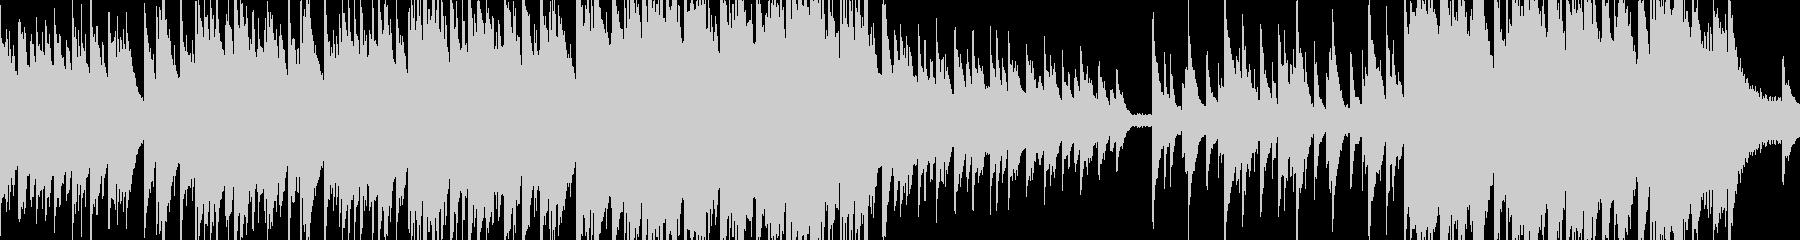 綺麗なピアノソロBGM ループ版の未再生の波形